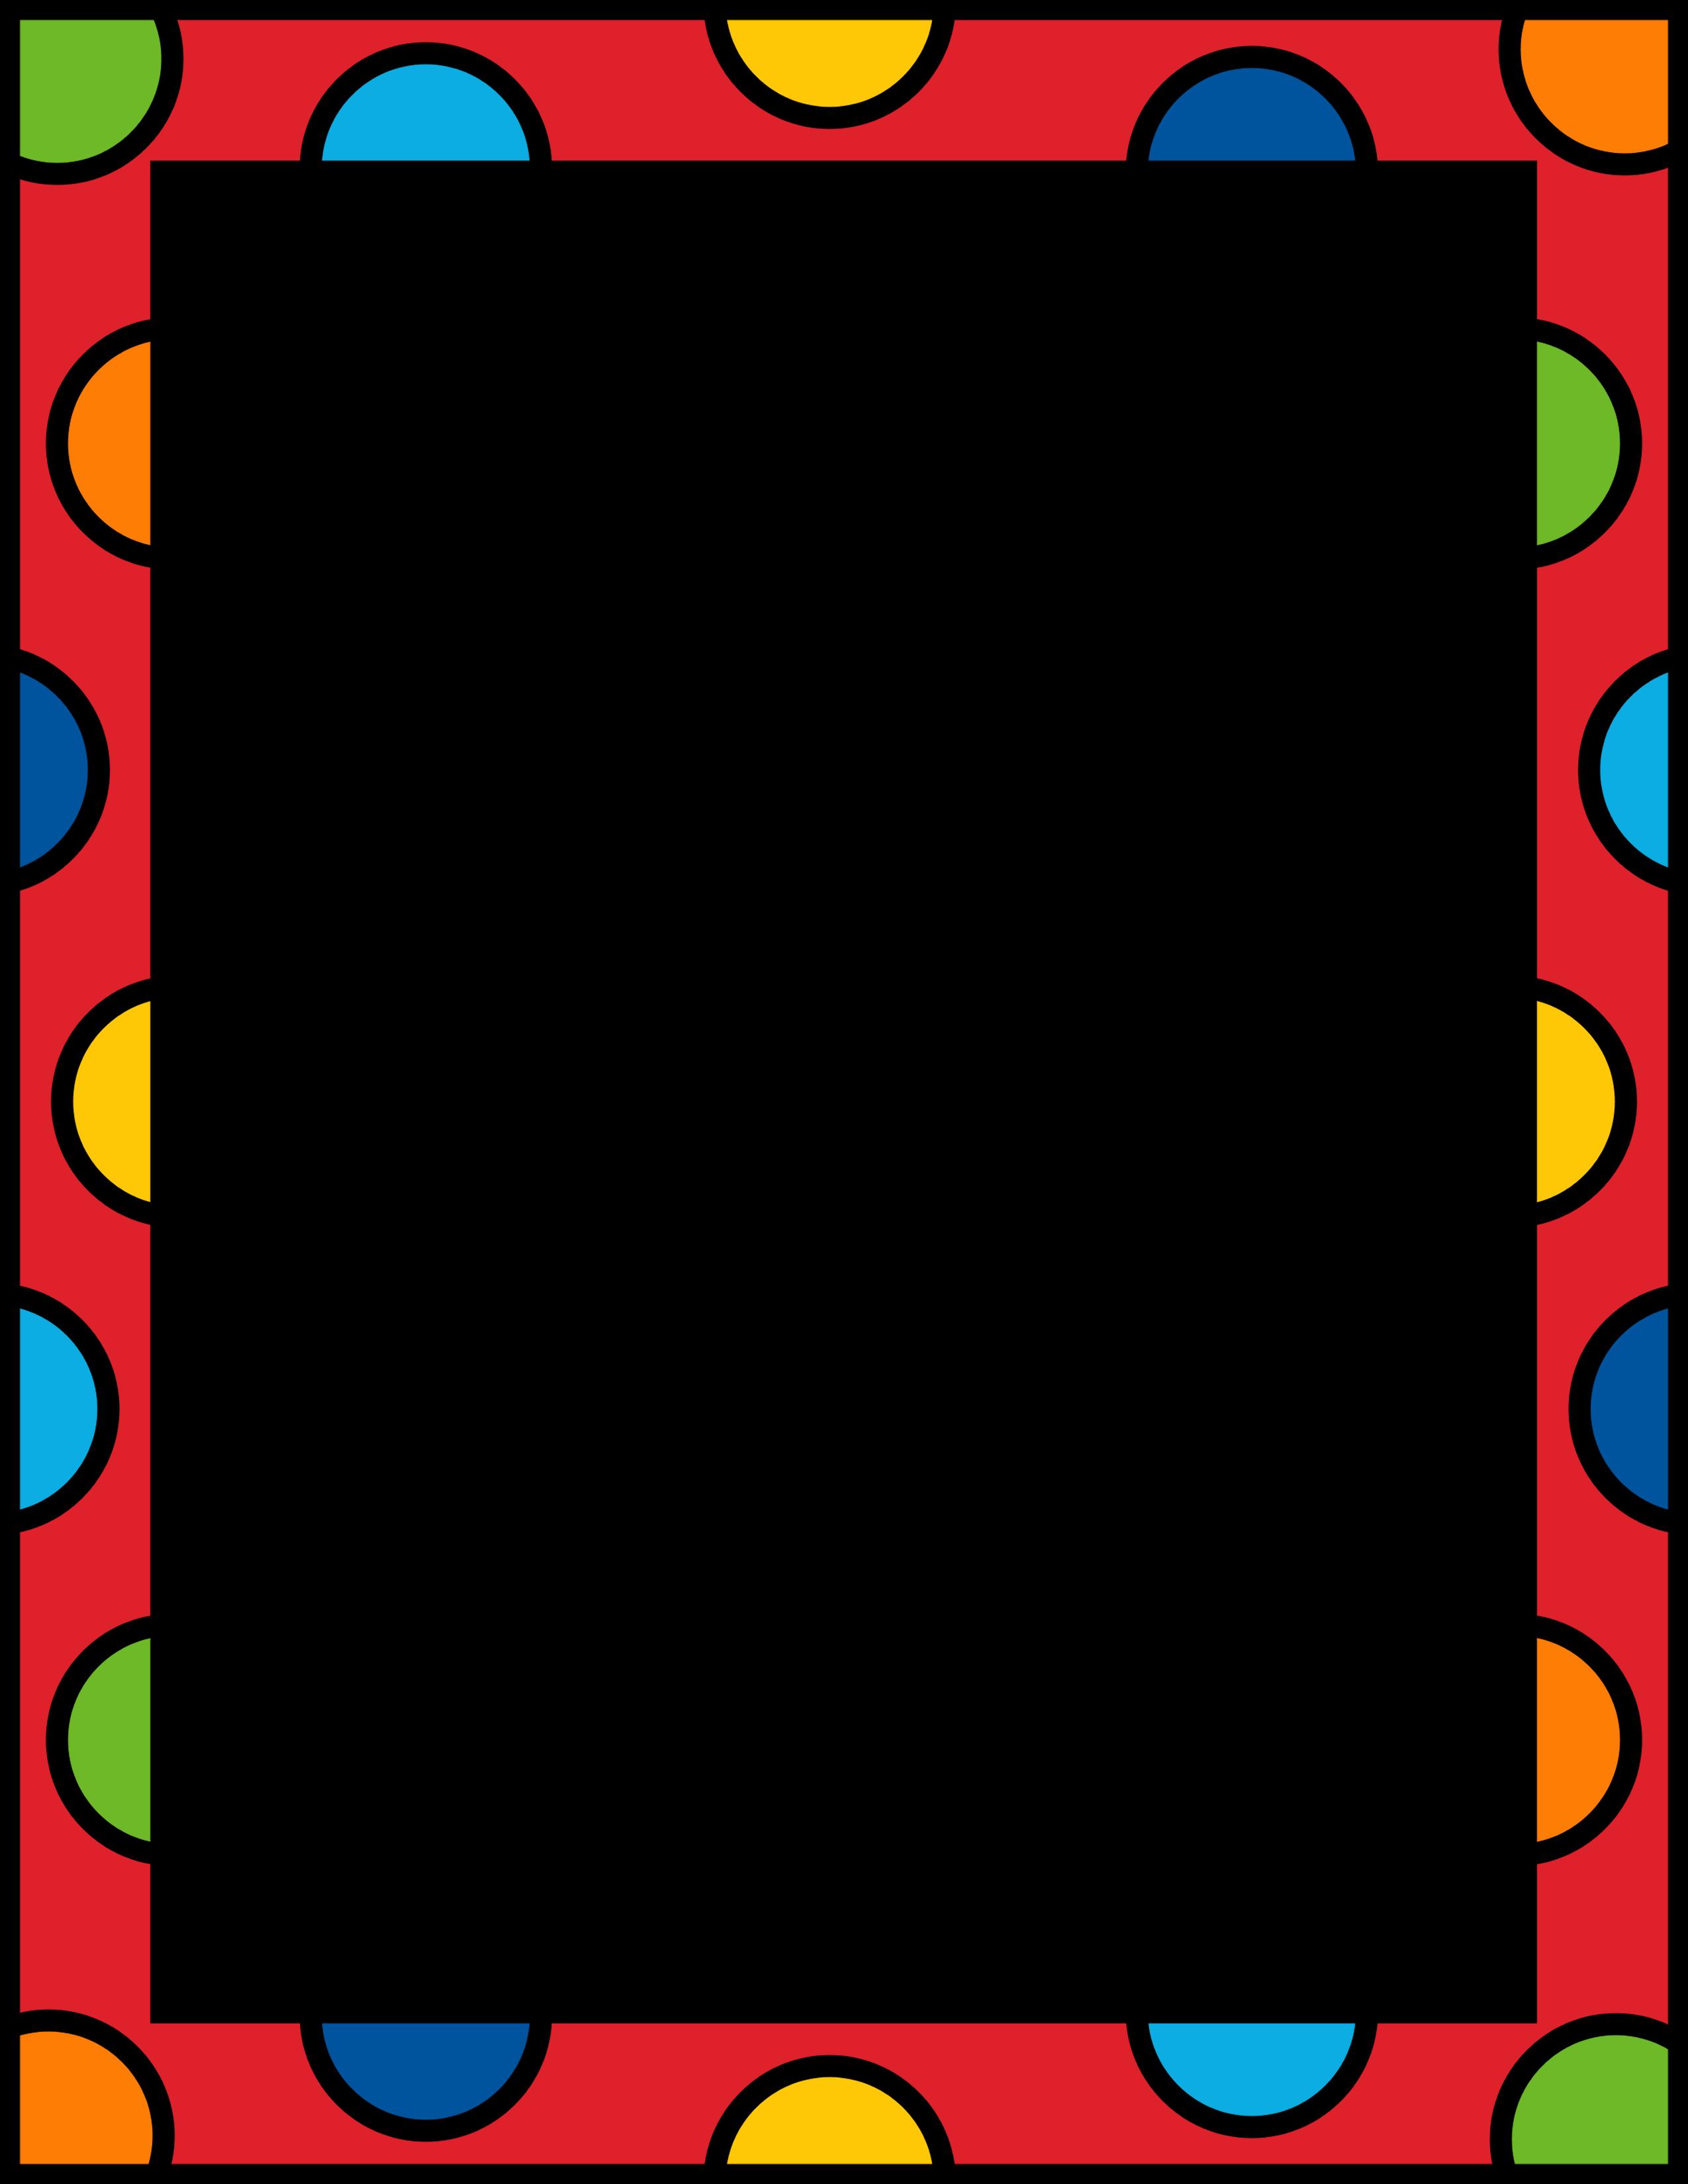 a a frame a a marcos frame pinterest clip art border